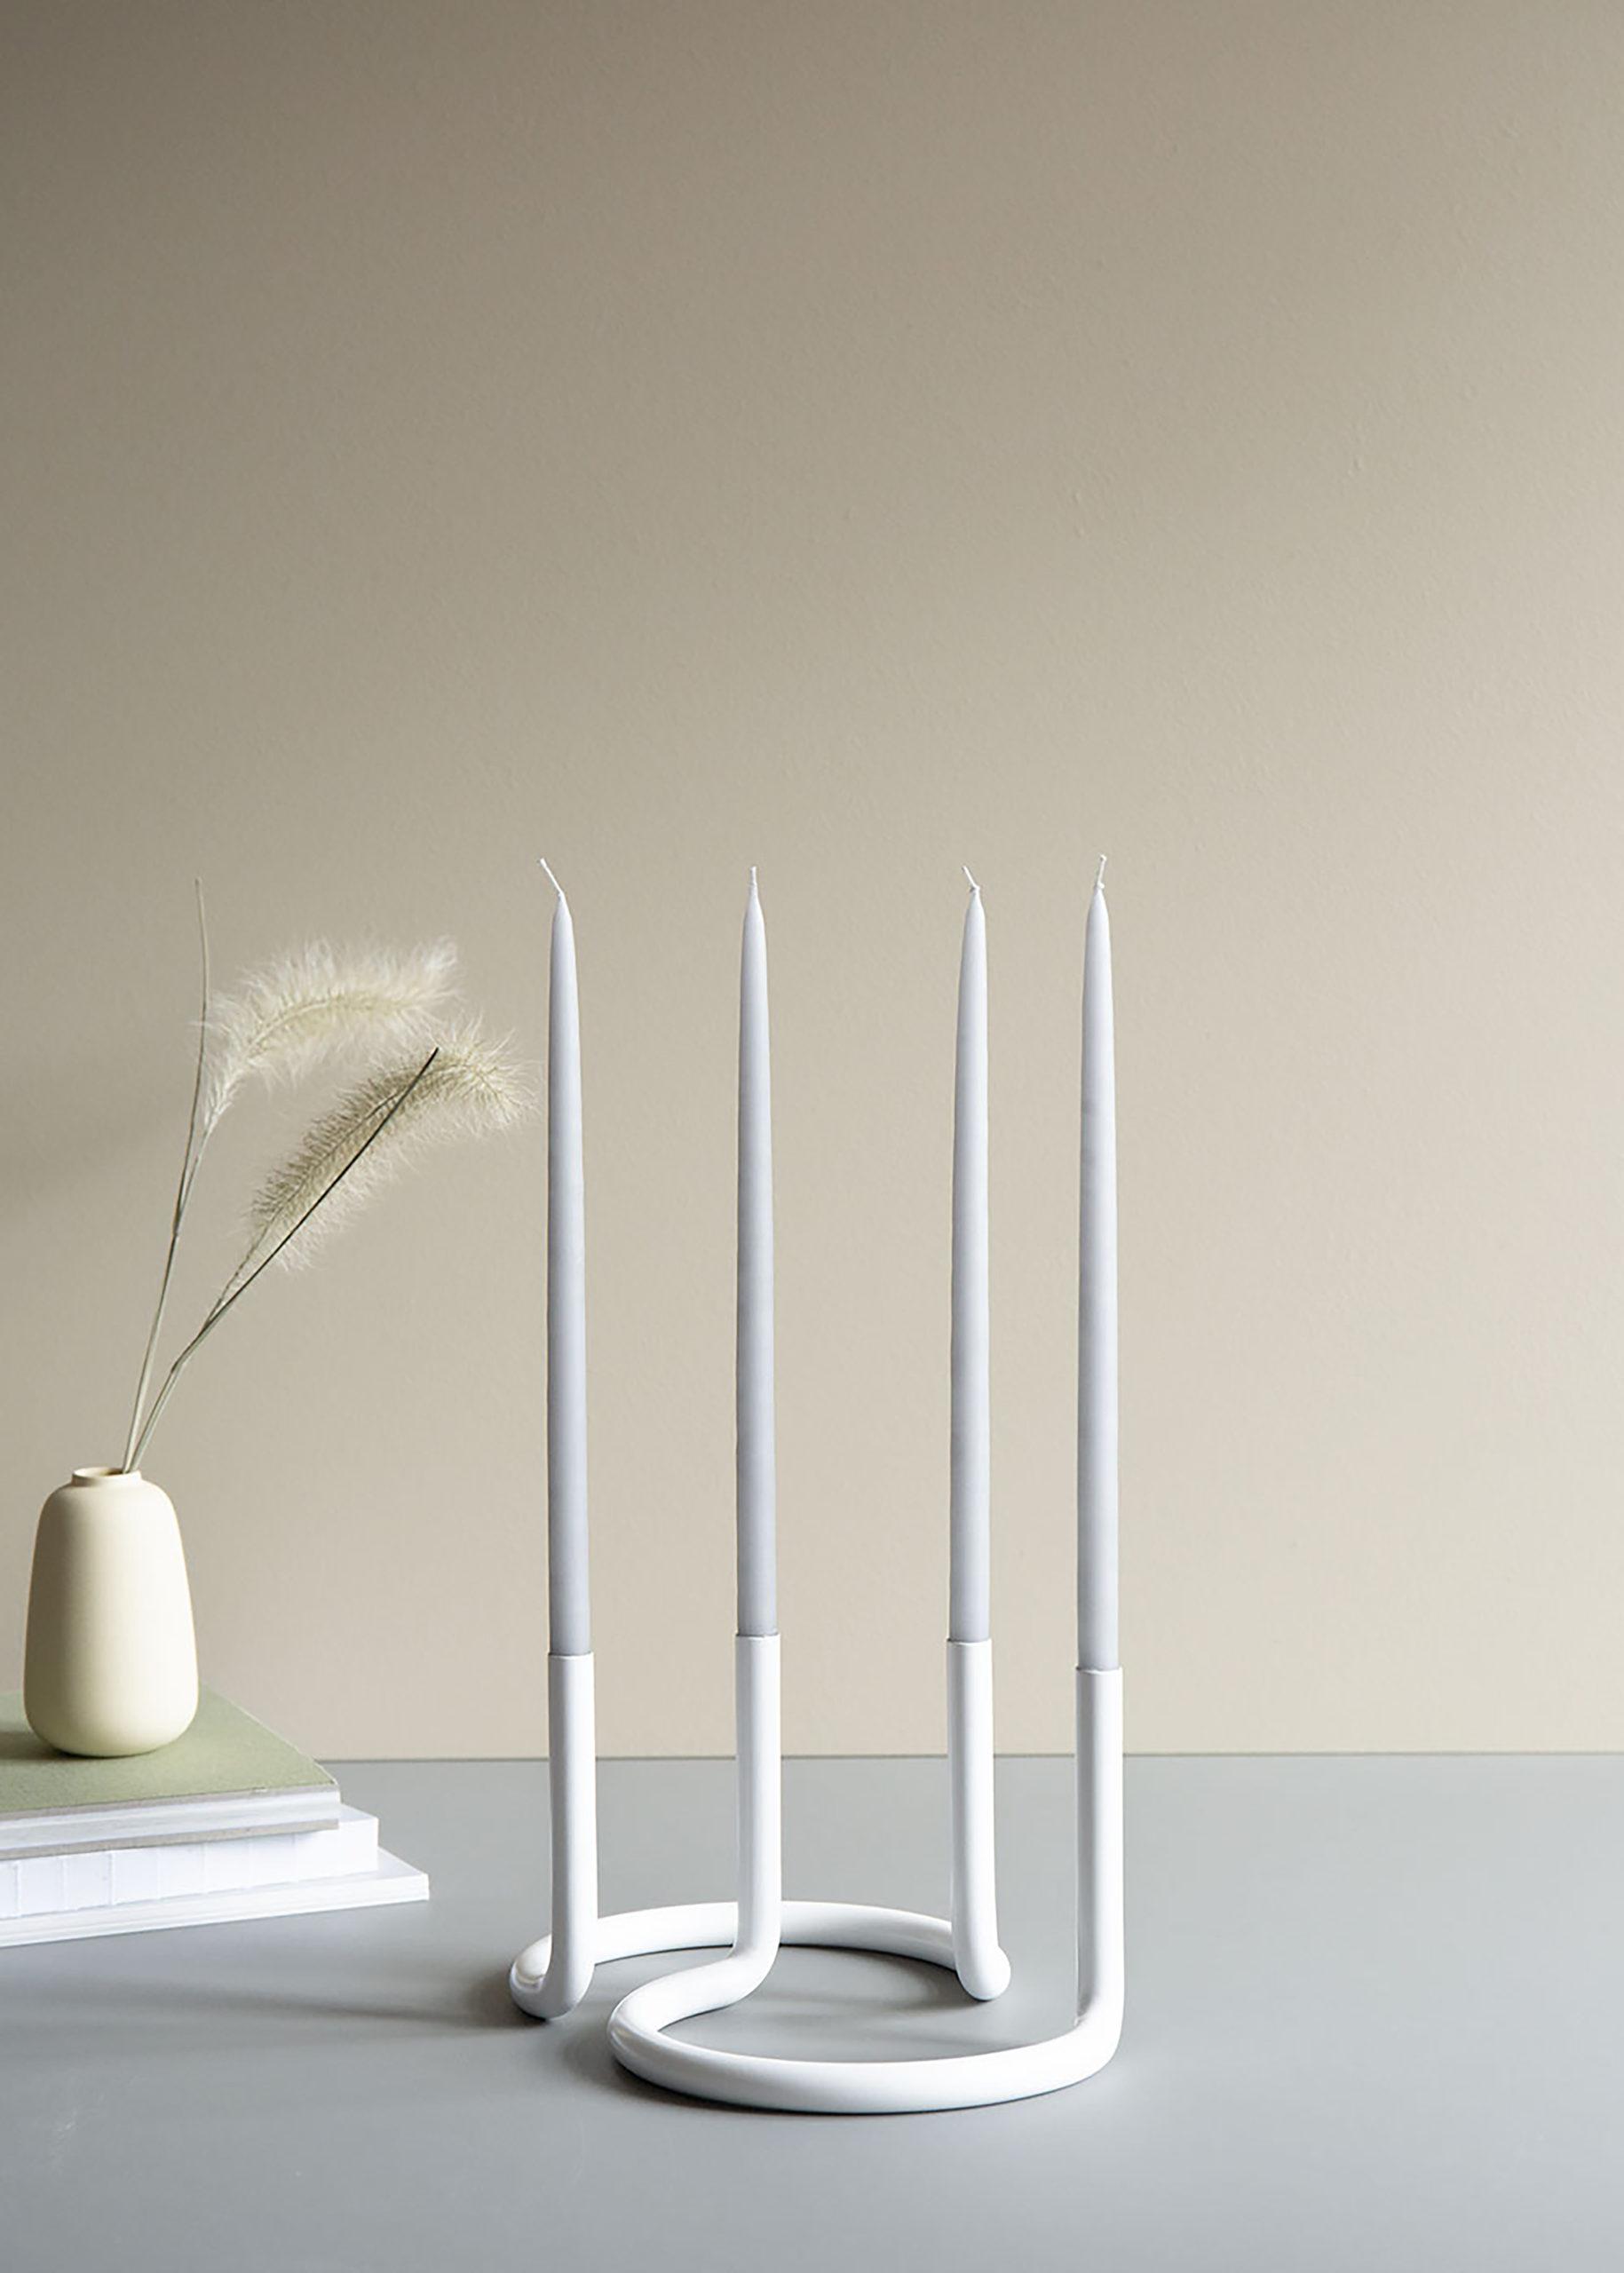 Architectmade-Gemini-Candleholder-Stainless-Steel-Denmark-Peter-Karpf-9